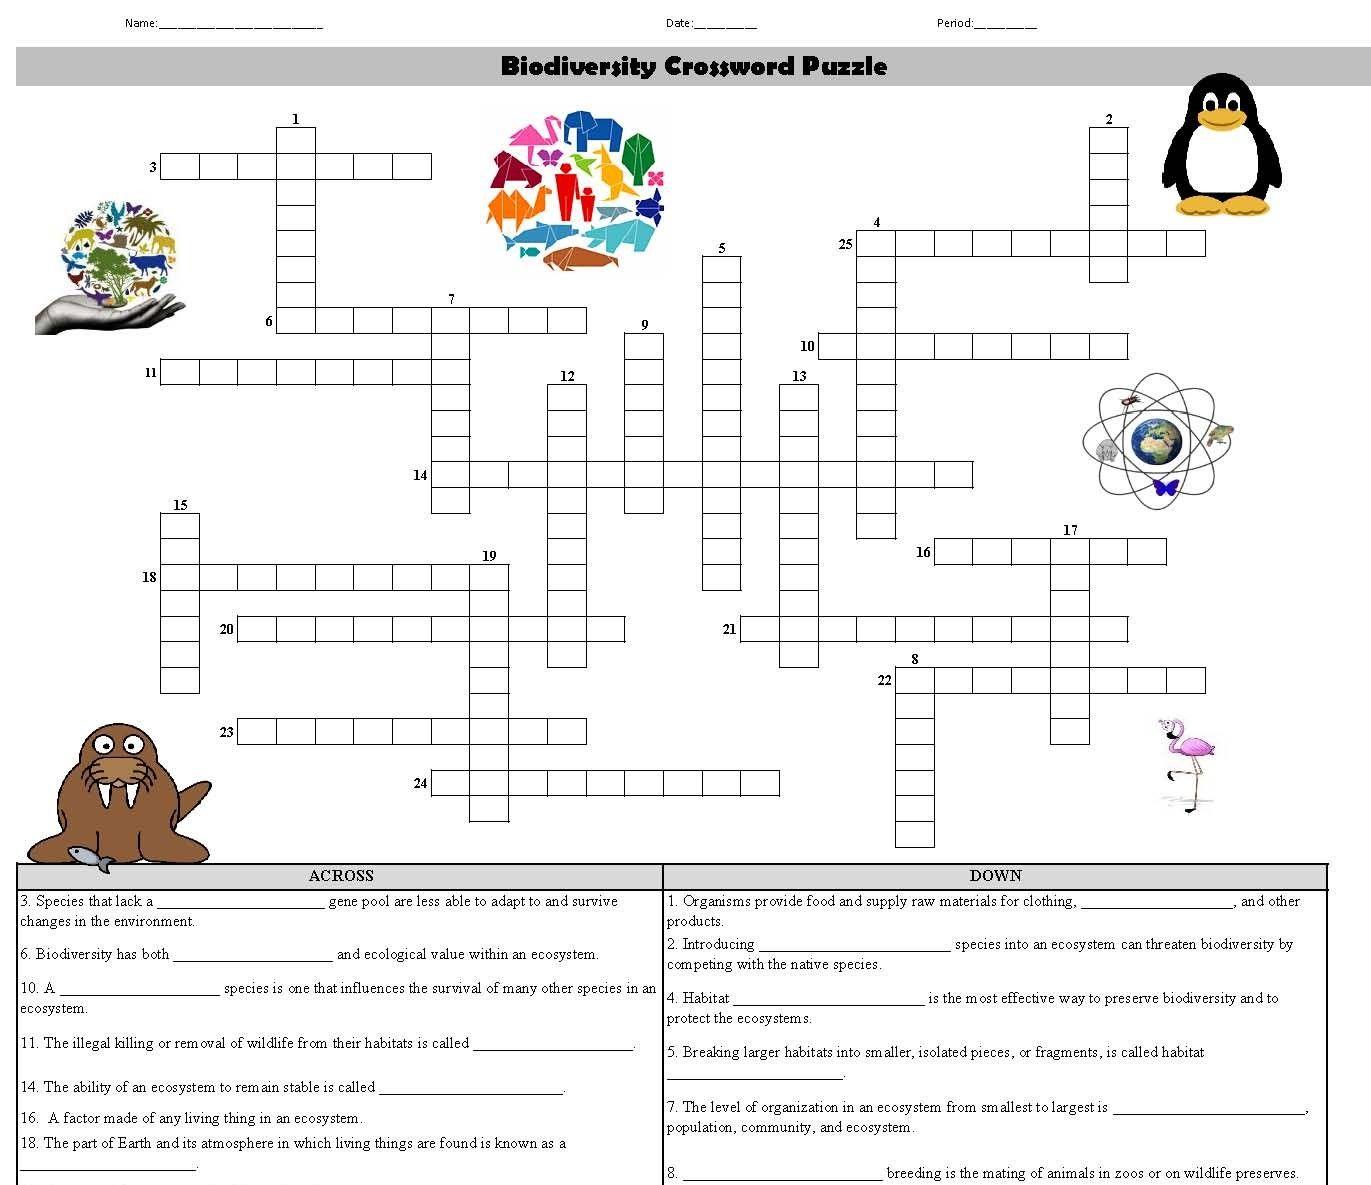 Biodiversity Crossword Puzzle